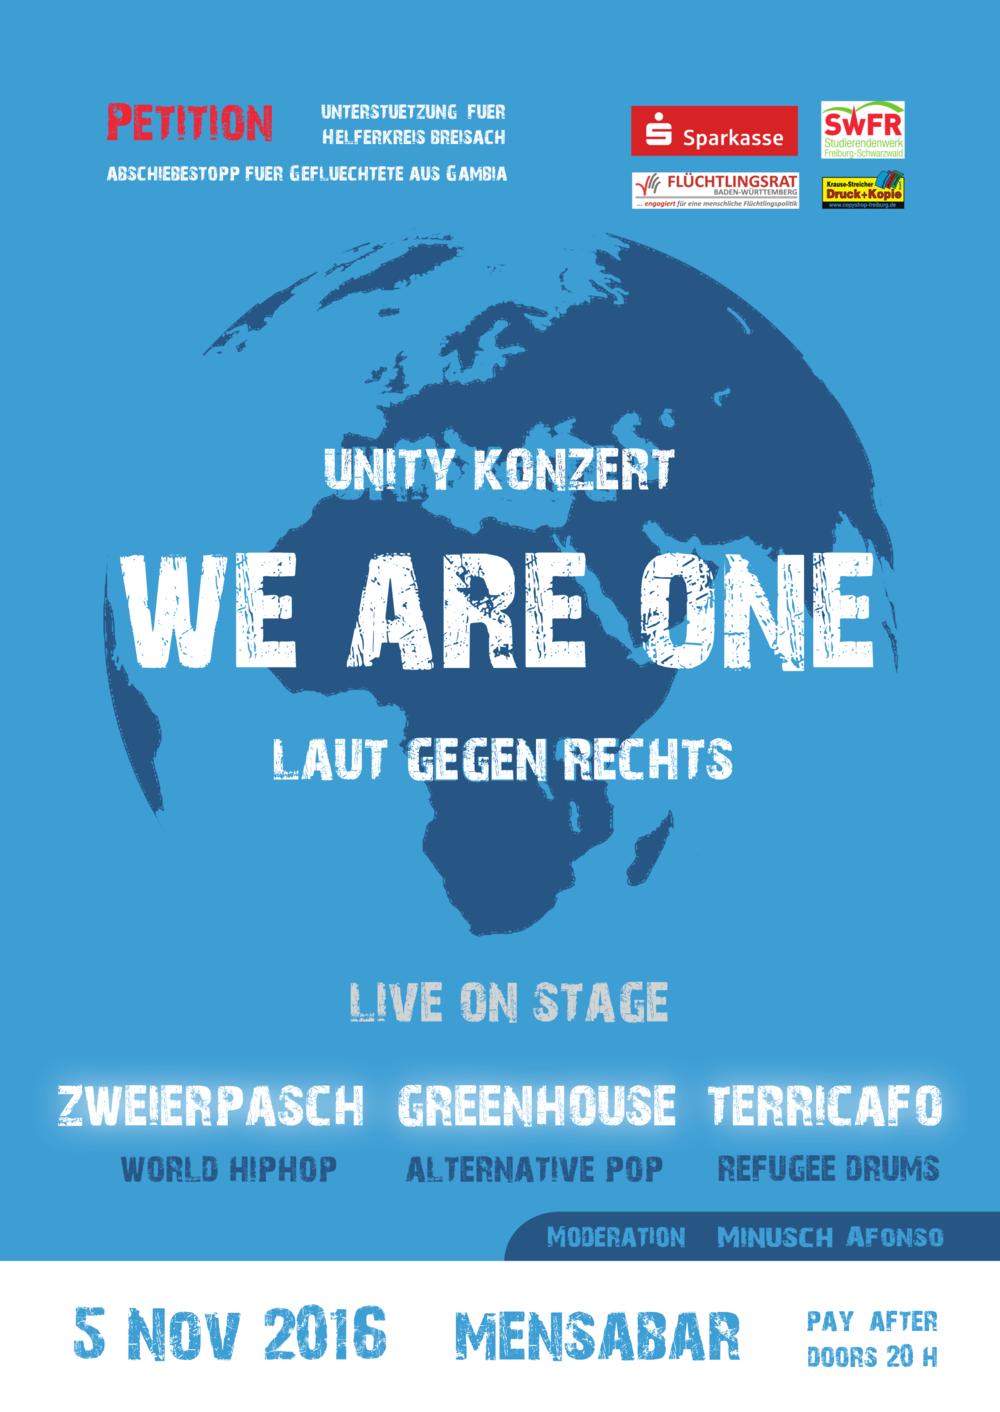 We Are One, Unity Konzert: Laut gegen Rechts mit Zweierpasch, Greenhouse & Terricafò